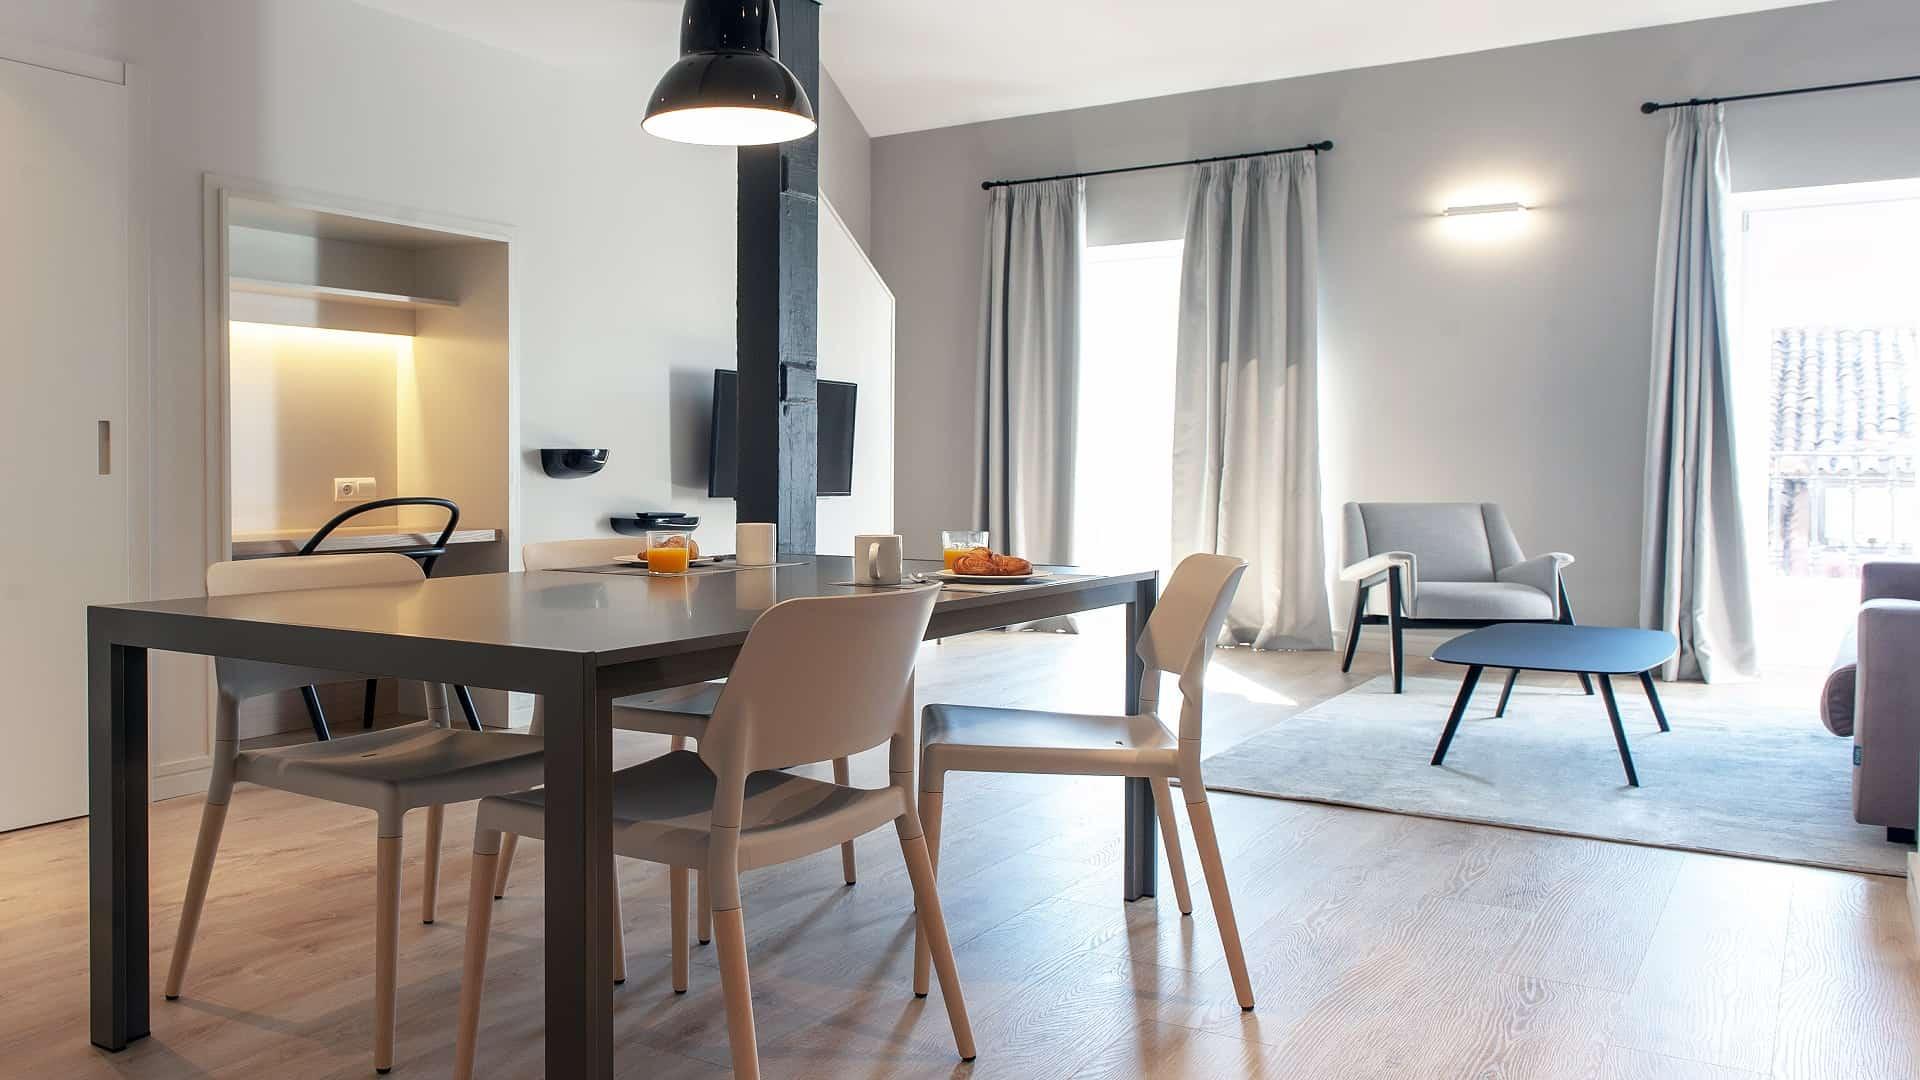 MH Apartments<br> diverso stile, stessa essenza